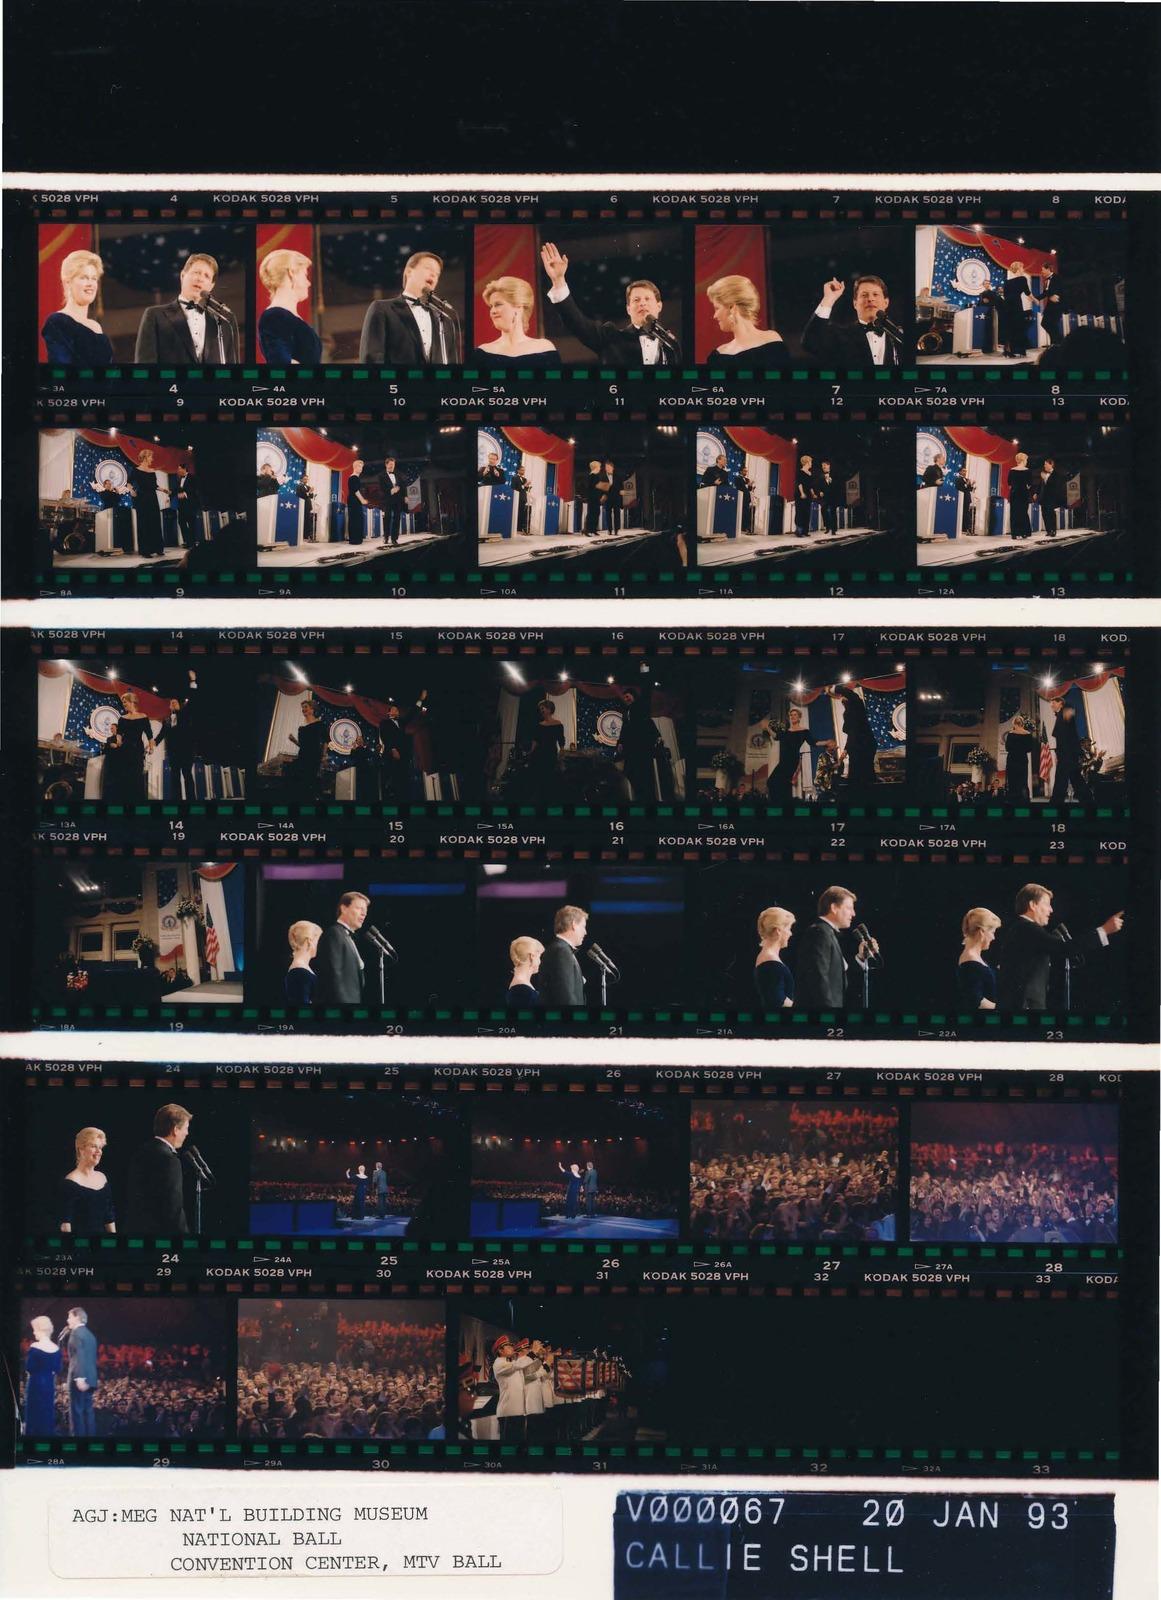 V000067, January 20, 1993